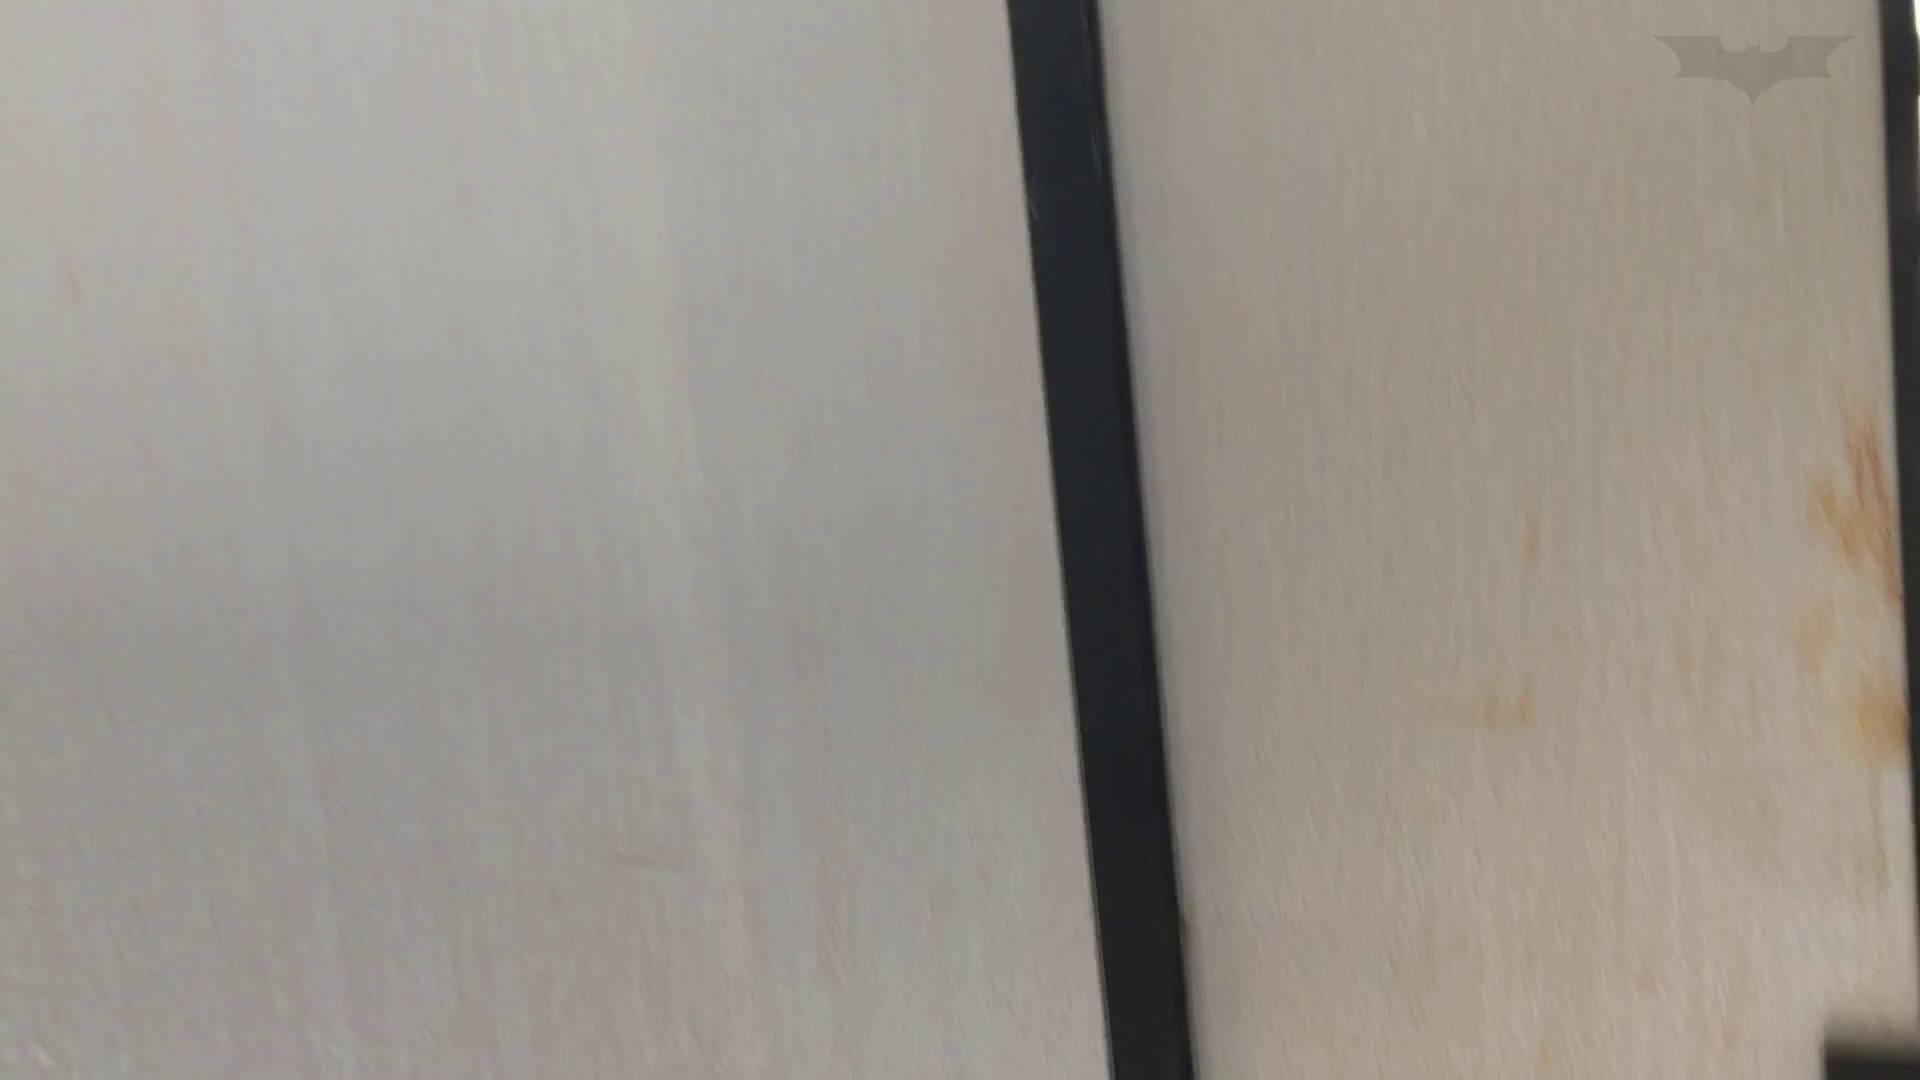 芸術大学ガチ潜入盗撮 JD盗撮 美女の洗面所の秘密 Vol.80 トイレ中 | 洗面所着替え  64連発 22